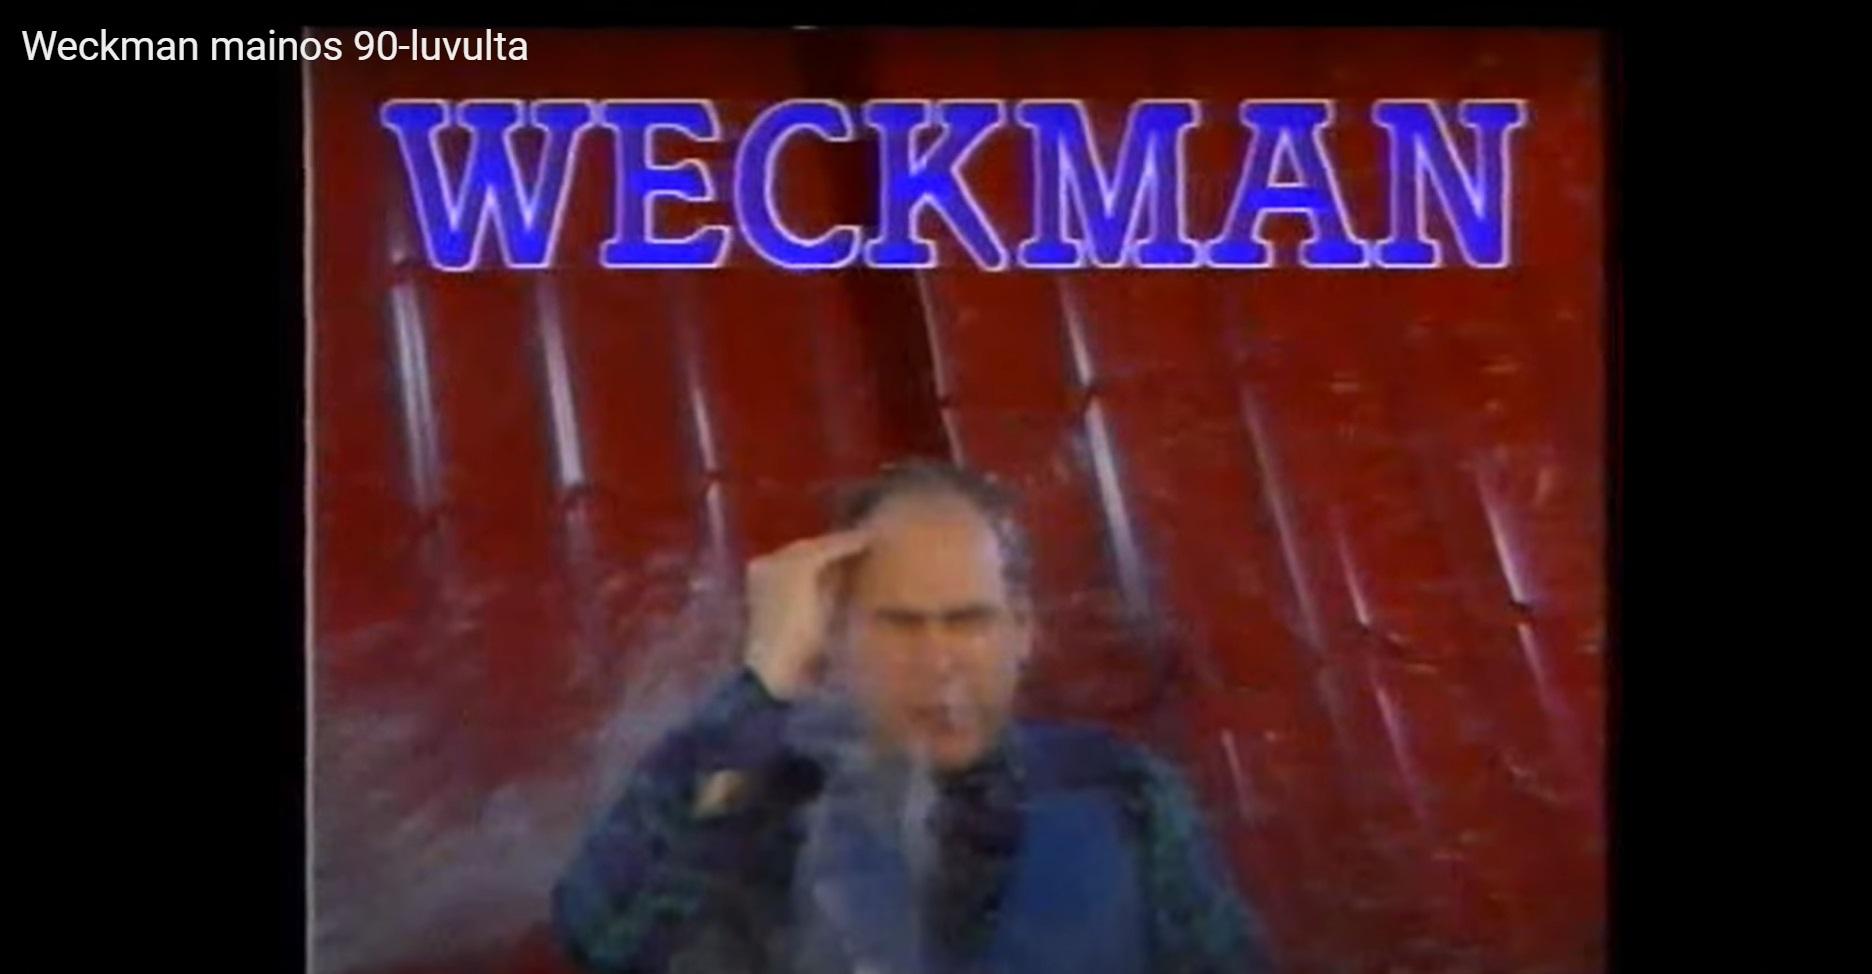 Vesa Walldén Weckmanin mainoksessa vuonna 1990. Mainosta esitettiin aikoinaan miljoonayleisöille.